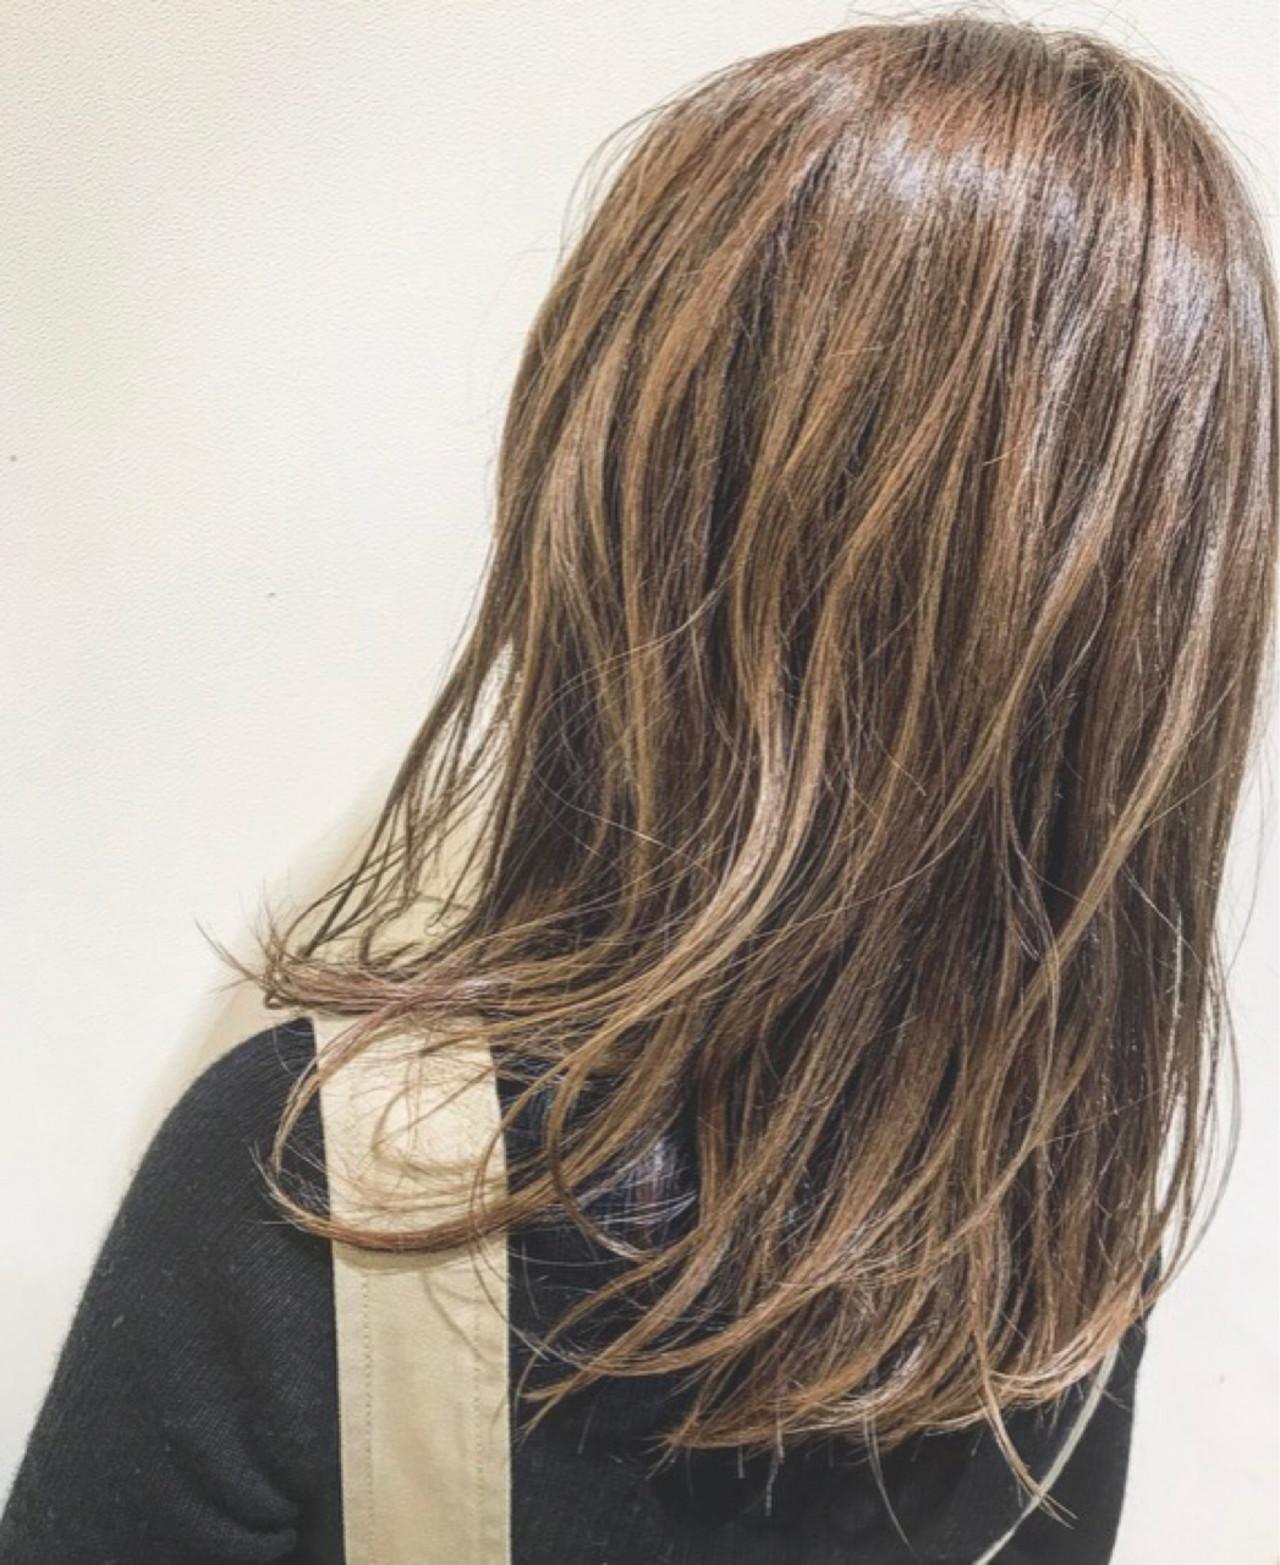 ハイライト 金髪 アッシュ 外国人風カラー ヘアスタイルや髪型の写真・画像